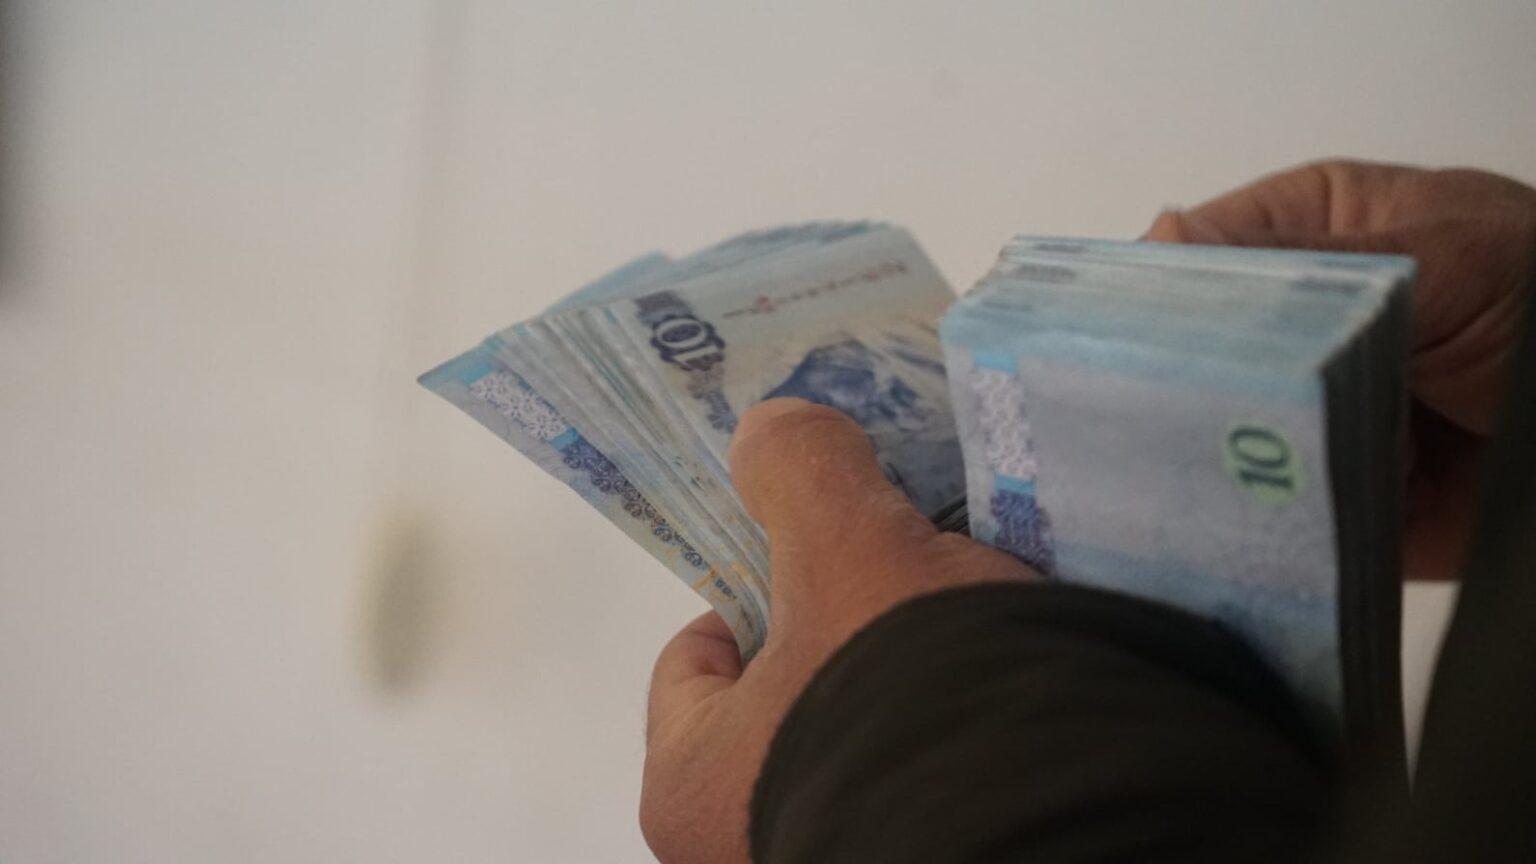 وزارة المالية تُحيل مرتبات يونيو إلى مصرف ليبيا المركزي